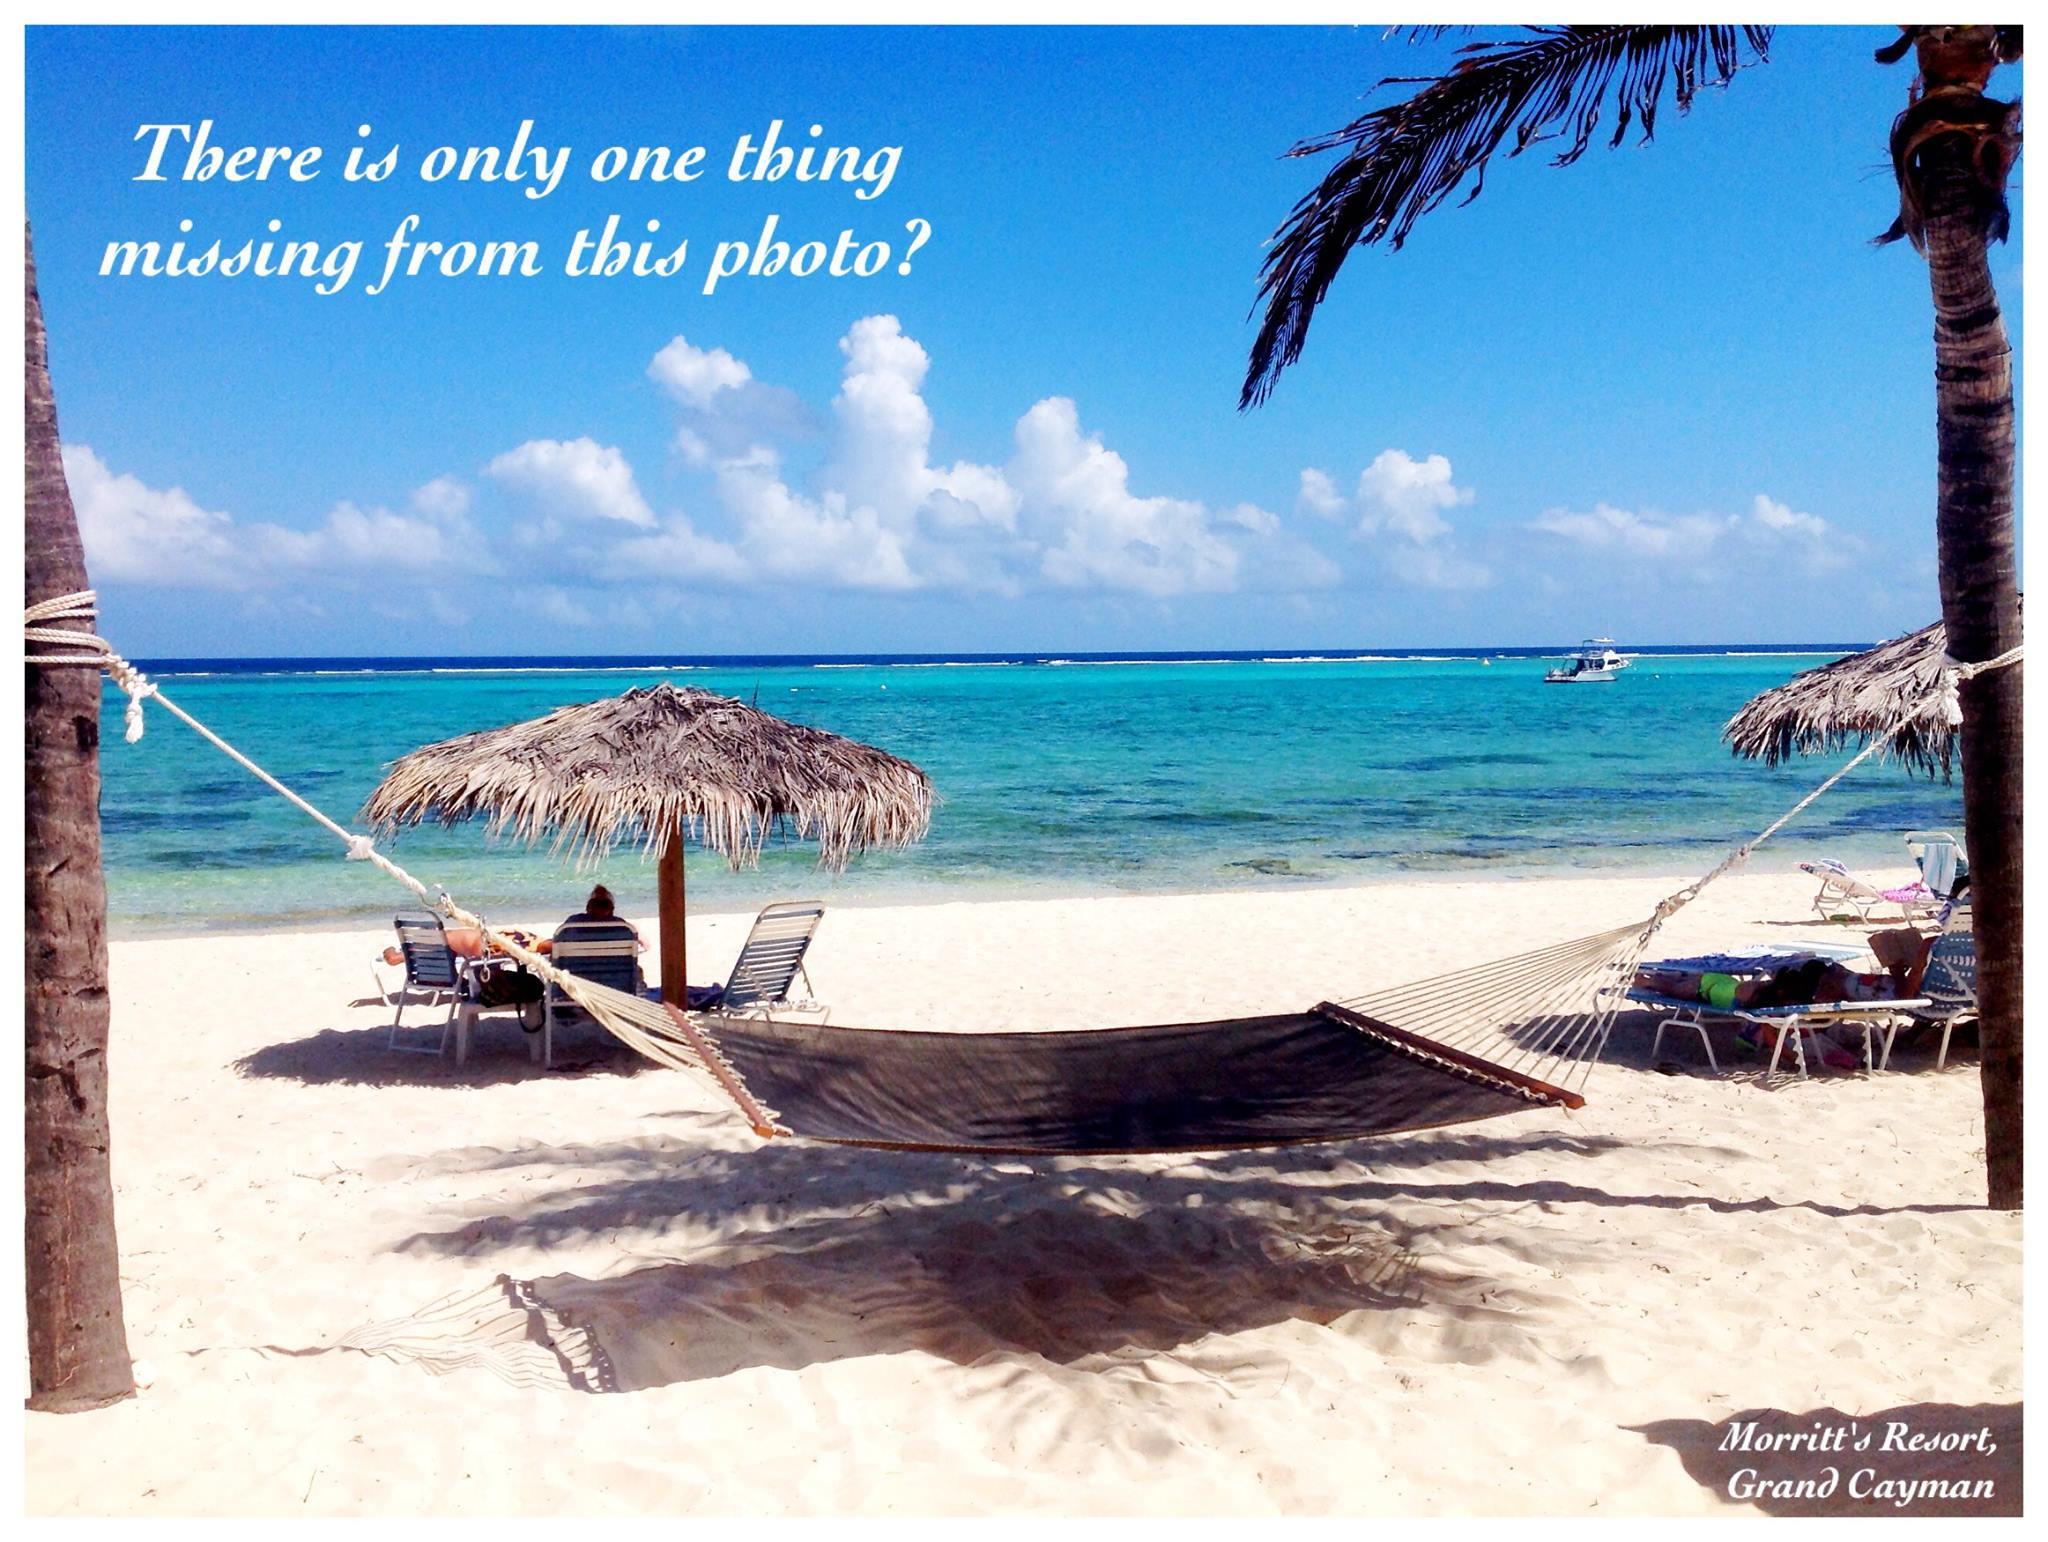 Morritt's Grand Cayman image